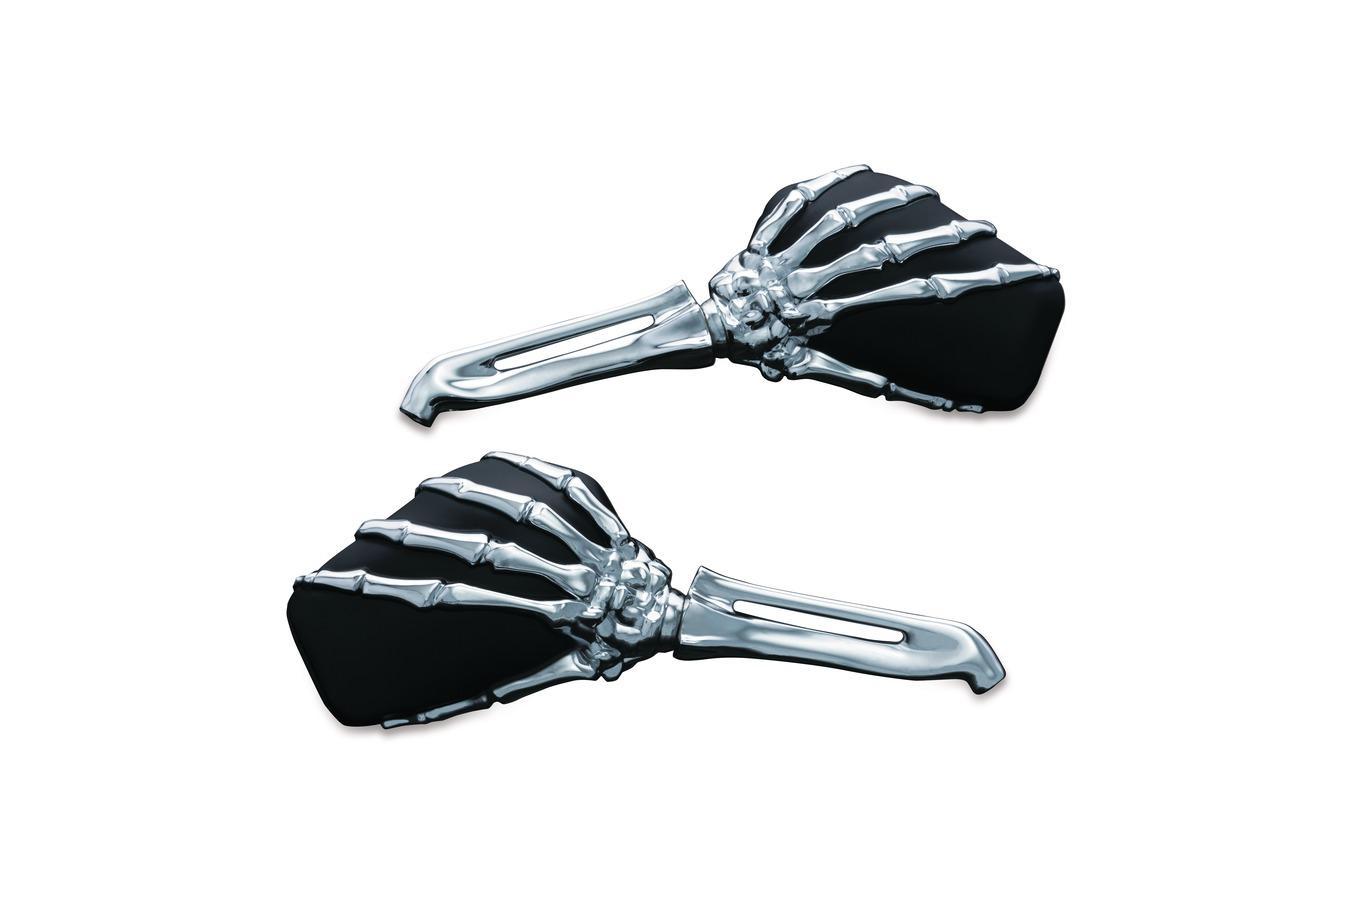 Kuryakyn Skeleton Hand Mirrors